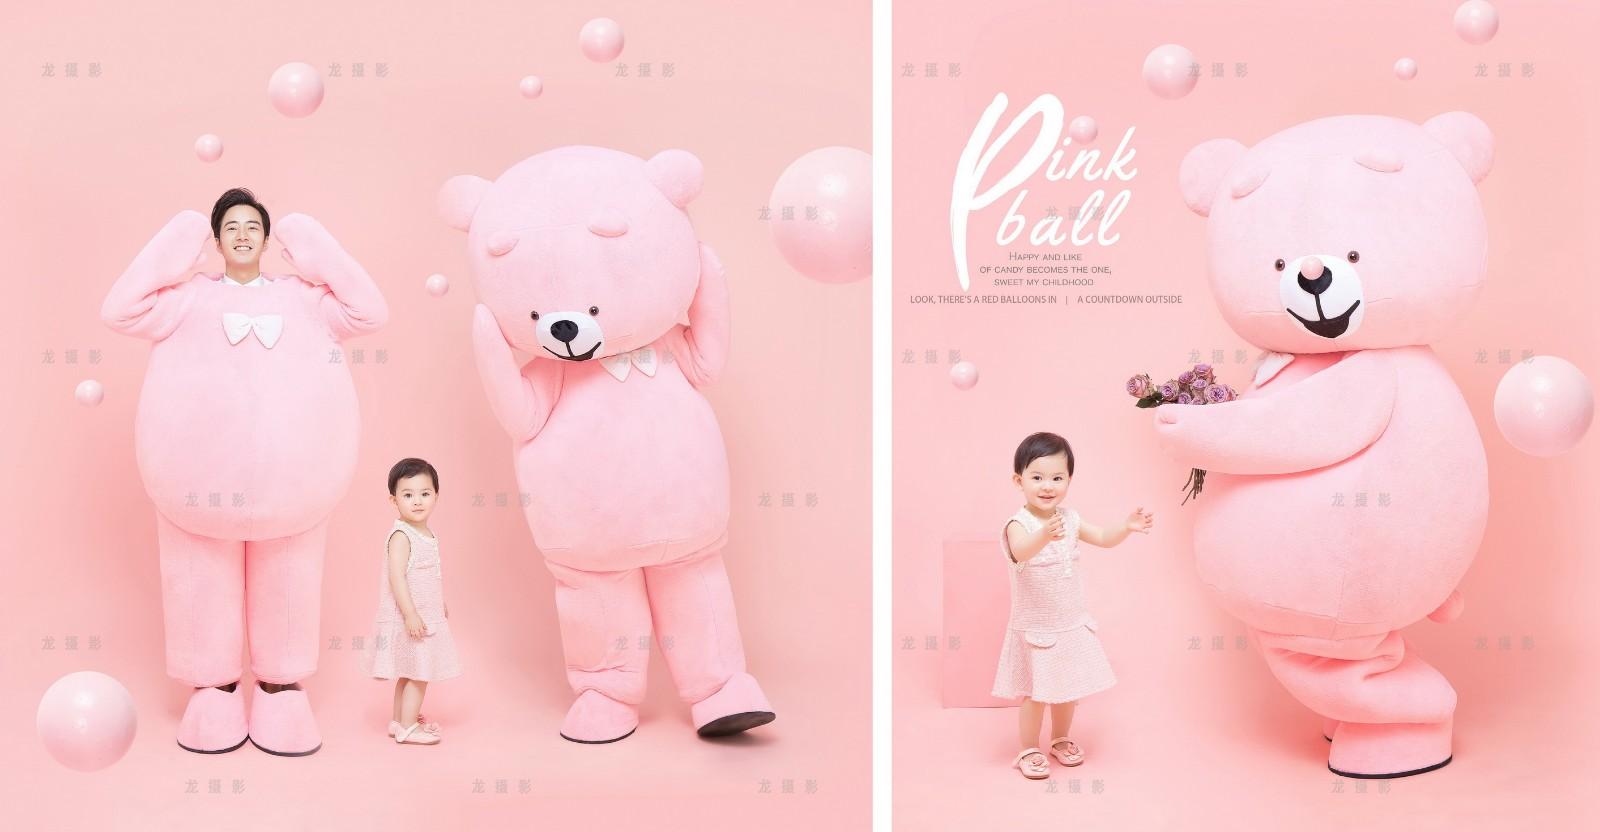 熊孩子|极简-朝阳尊爵龙摄影有限公司